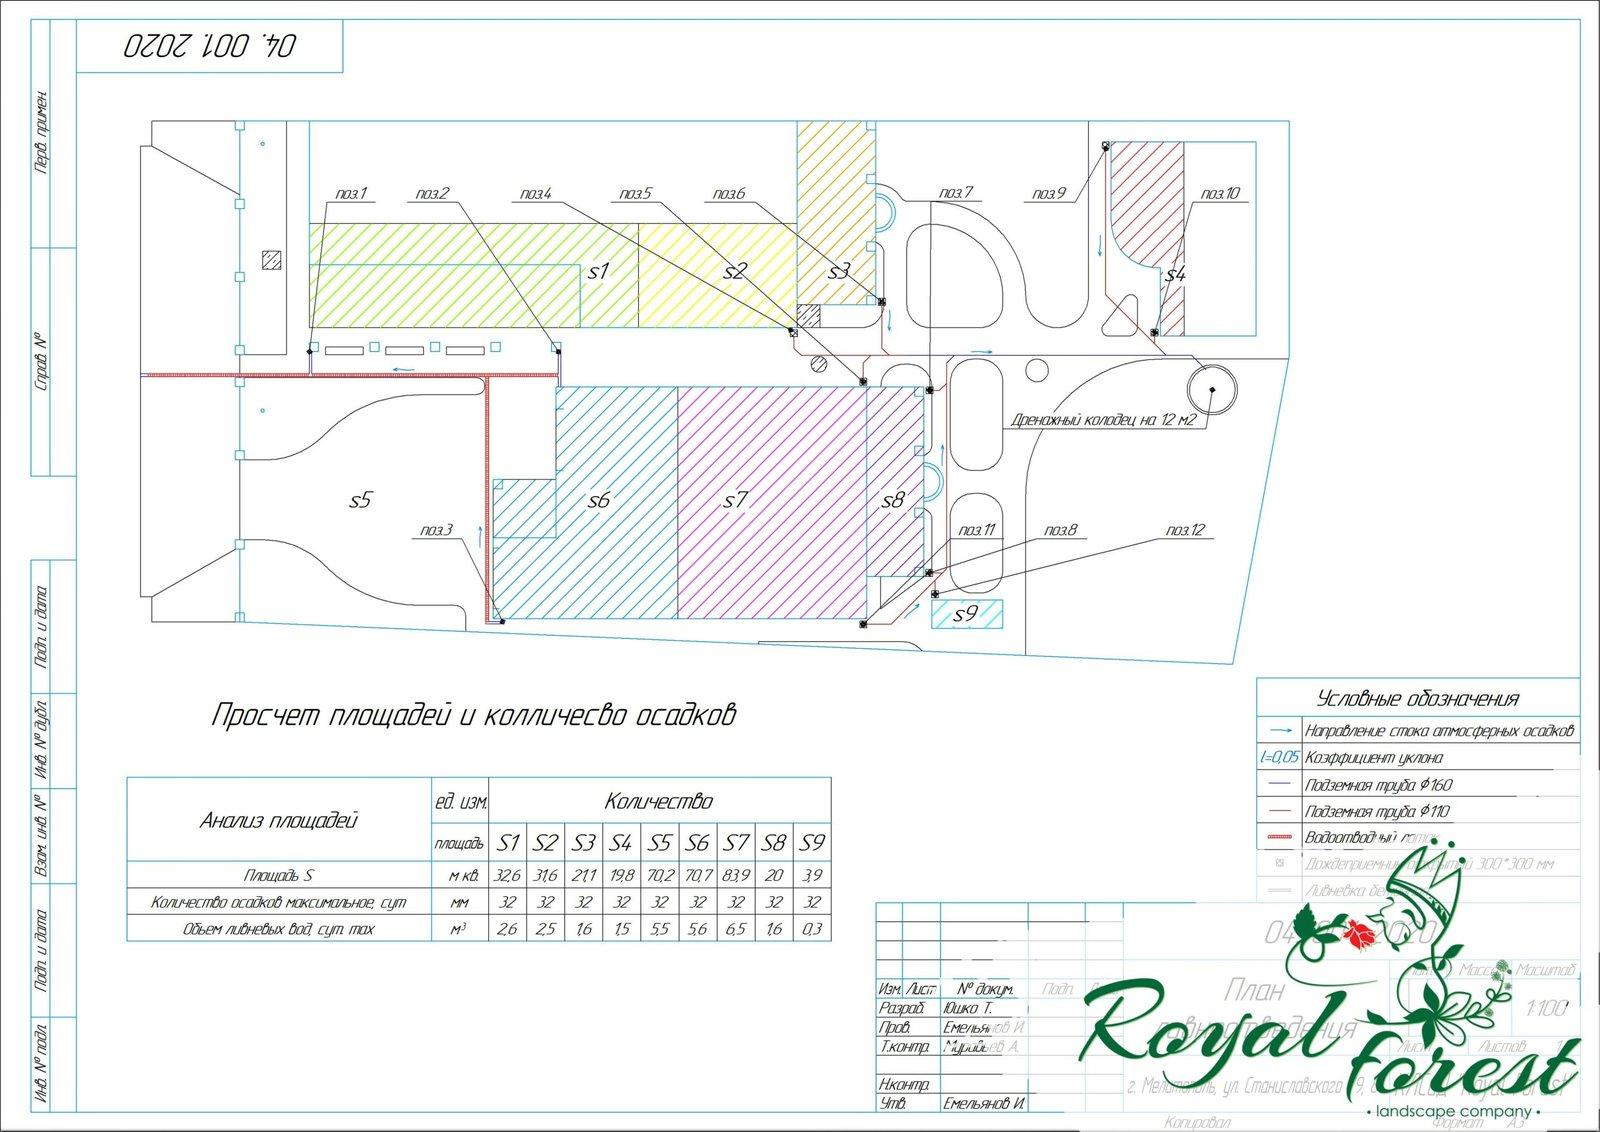 Проект дренажа, проект дренажной системы, план дренажа, план водоотведения